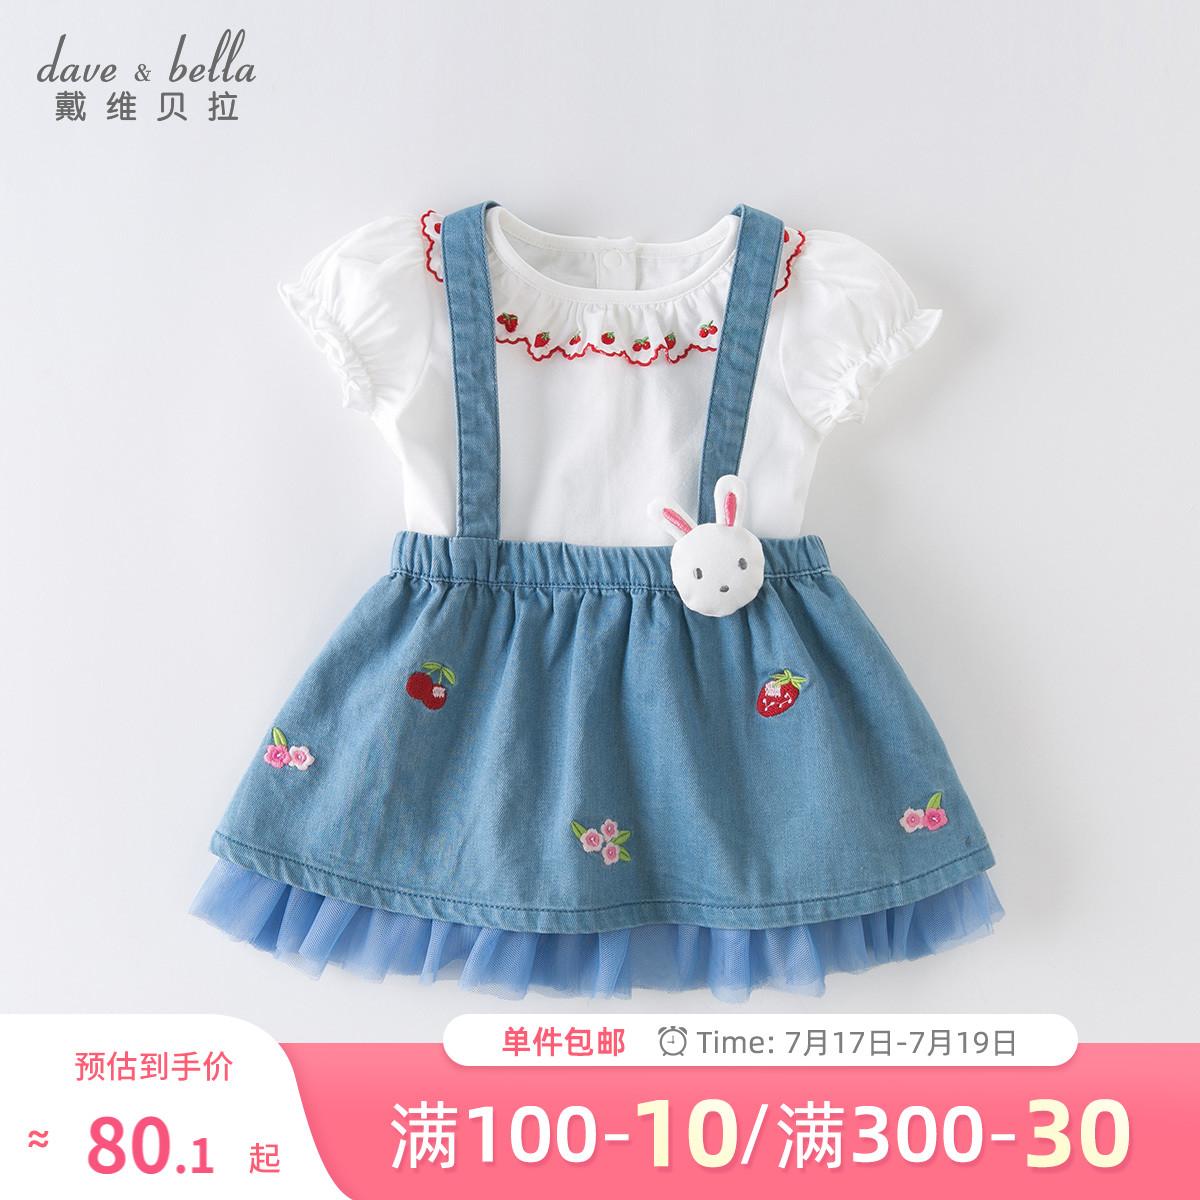 戴维贝拉女童童装夏装背带裙连衣裙